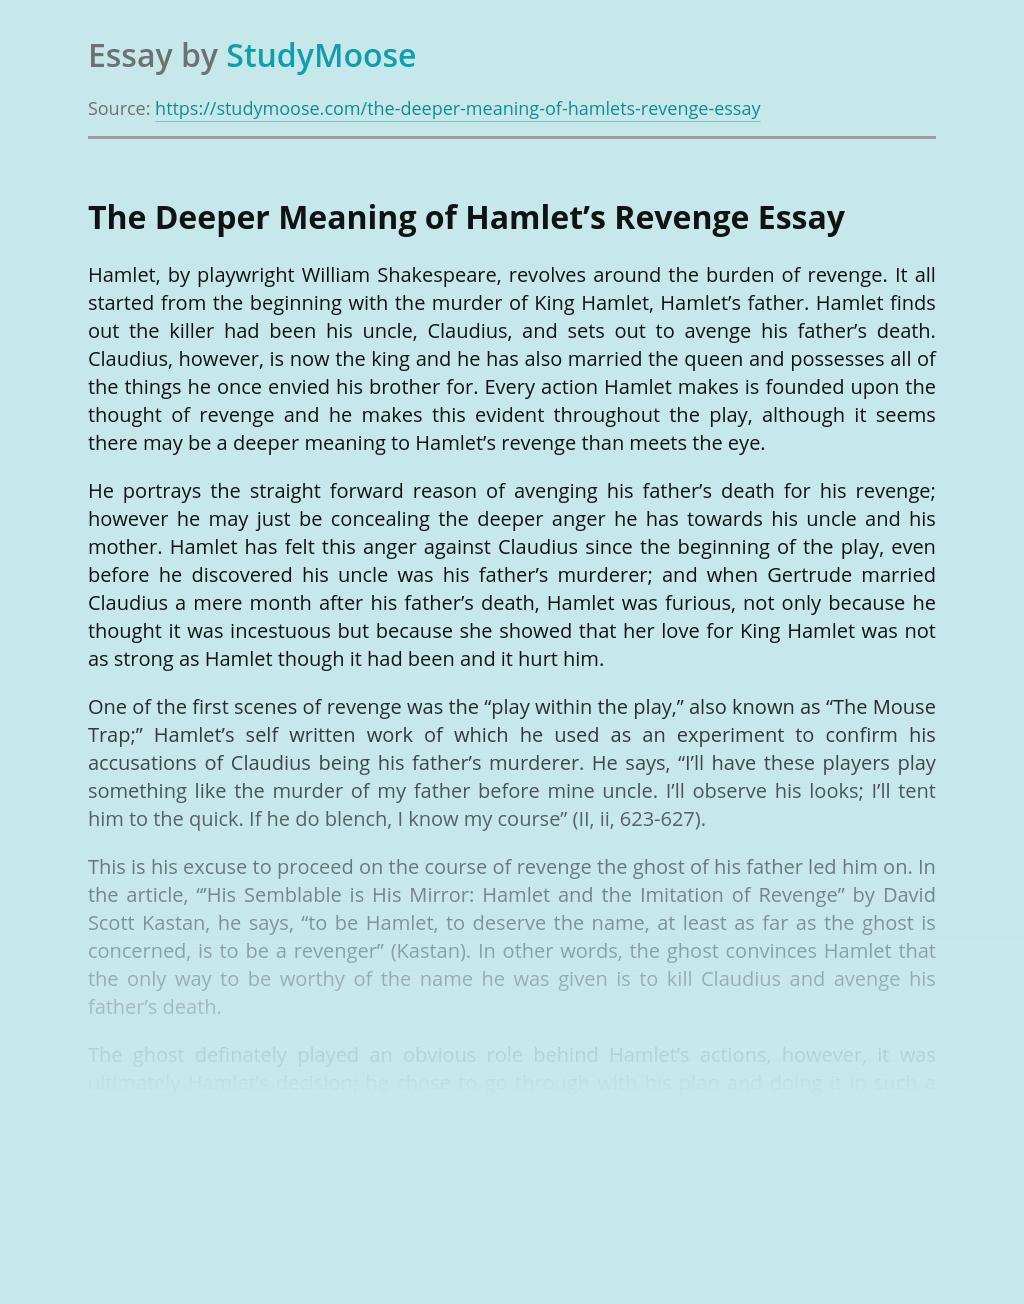 The Deeper Meaning of Hamlet's Revenge